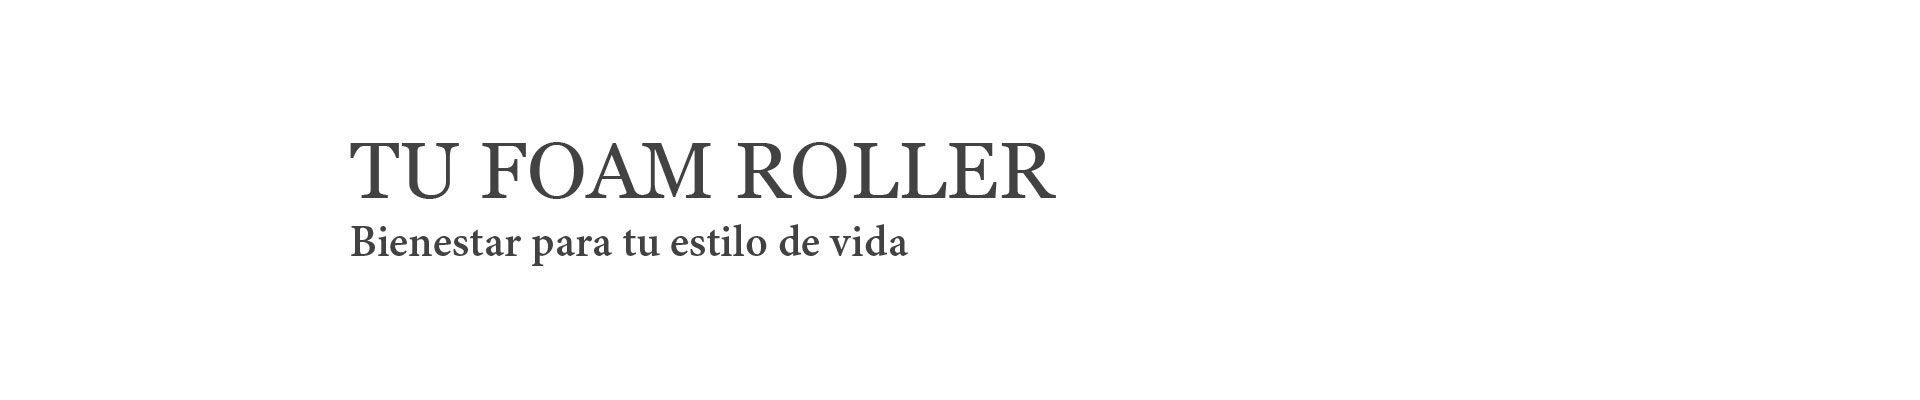 Tu foam roller